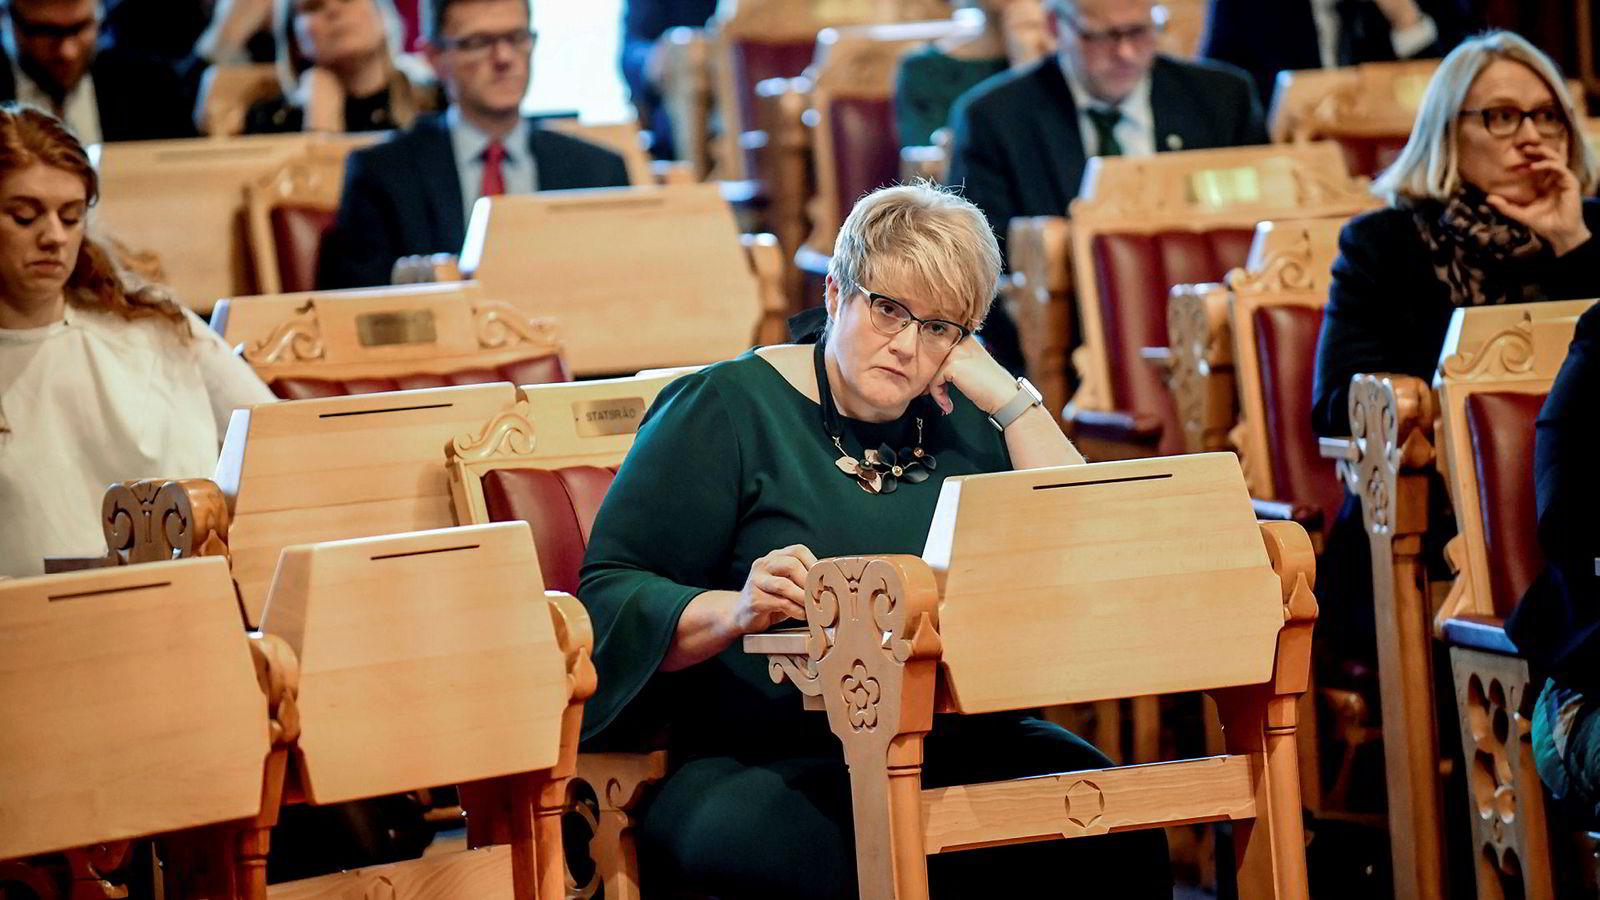 Interne kilder i Venstre forteller til DN at Venstre-leder Trine Skei Grandes gråting gjør det vanskelig å ta opp kritikk og negative forhold i partiet.